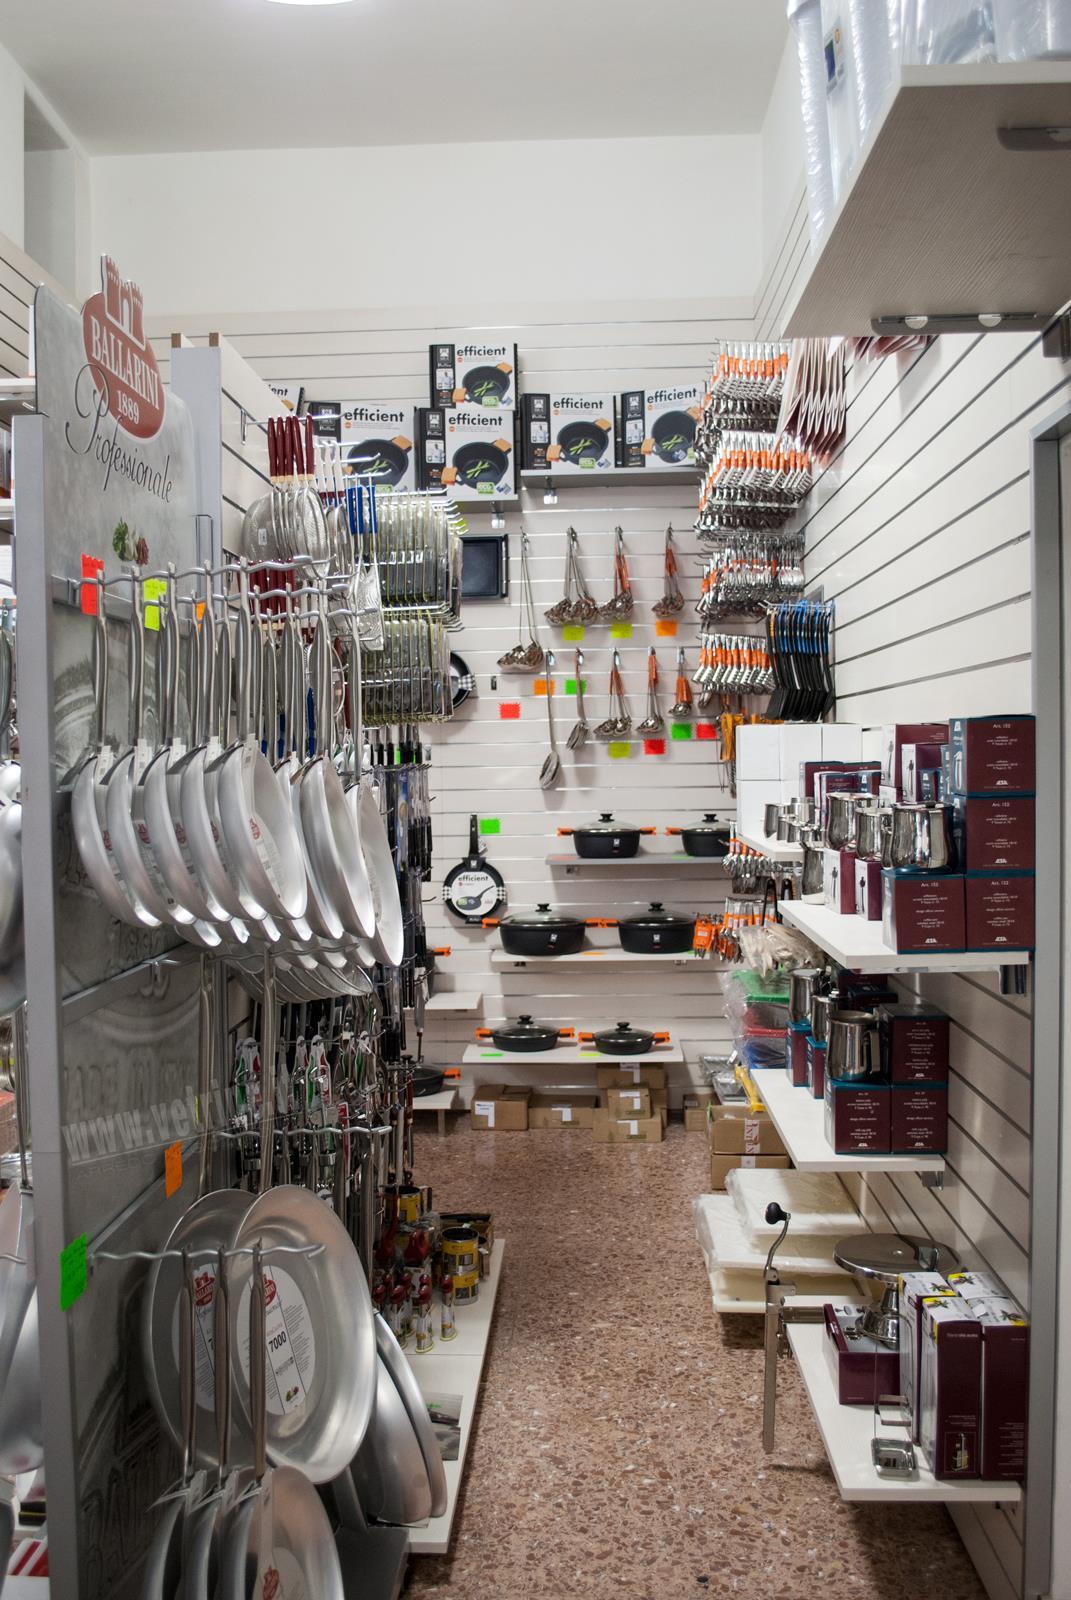 Negozi arredamenti roma with negozi arredamenti roma for Negozi arredamento casa roma